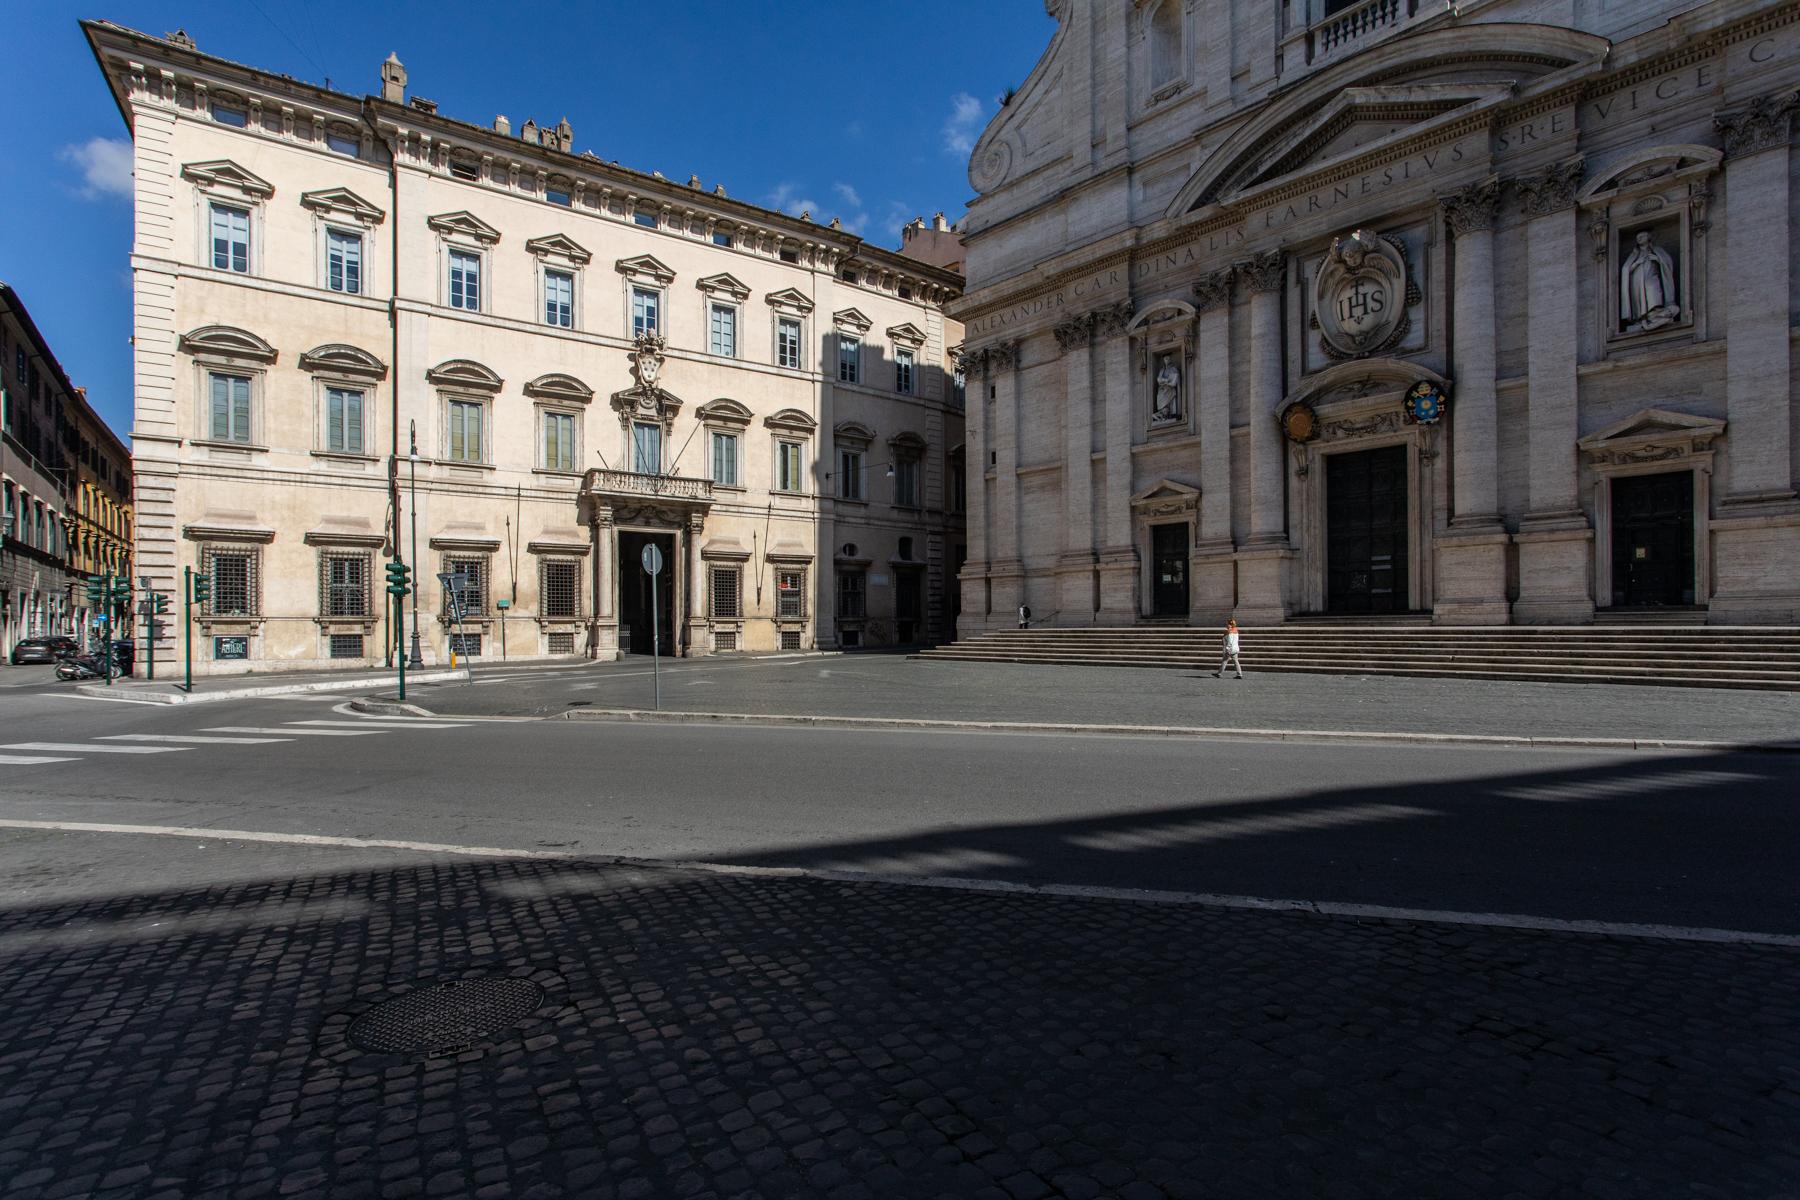 Attico in Affitto a Roma: 5 locali, 160 mq - Foto 25